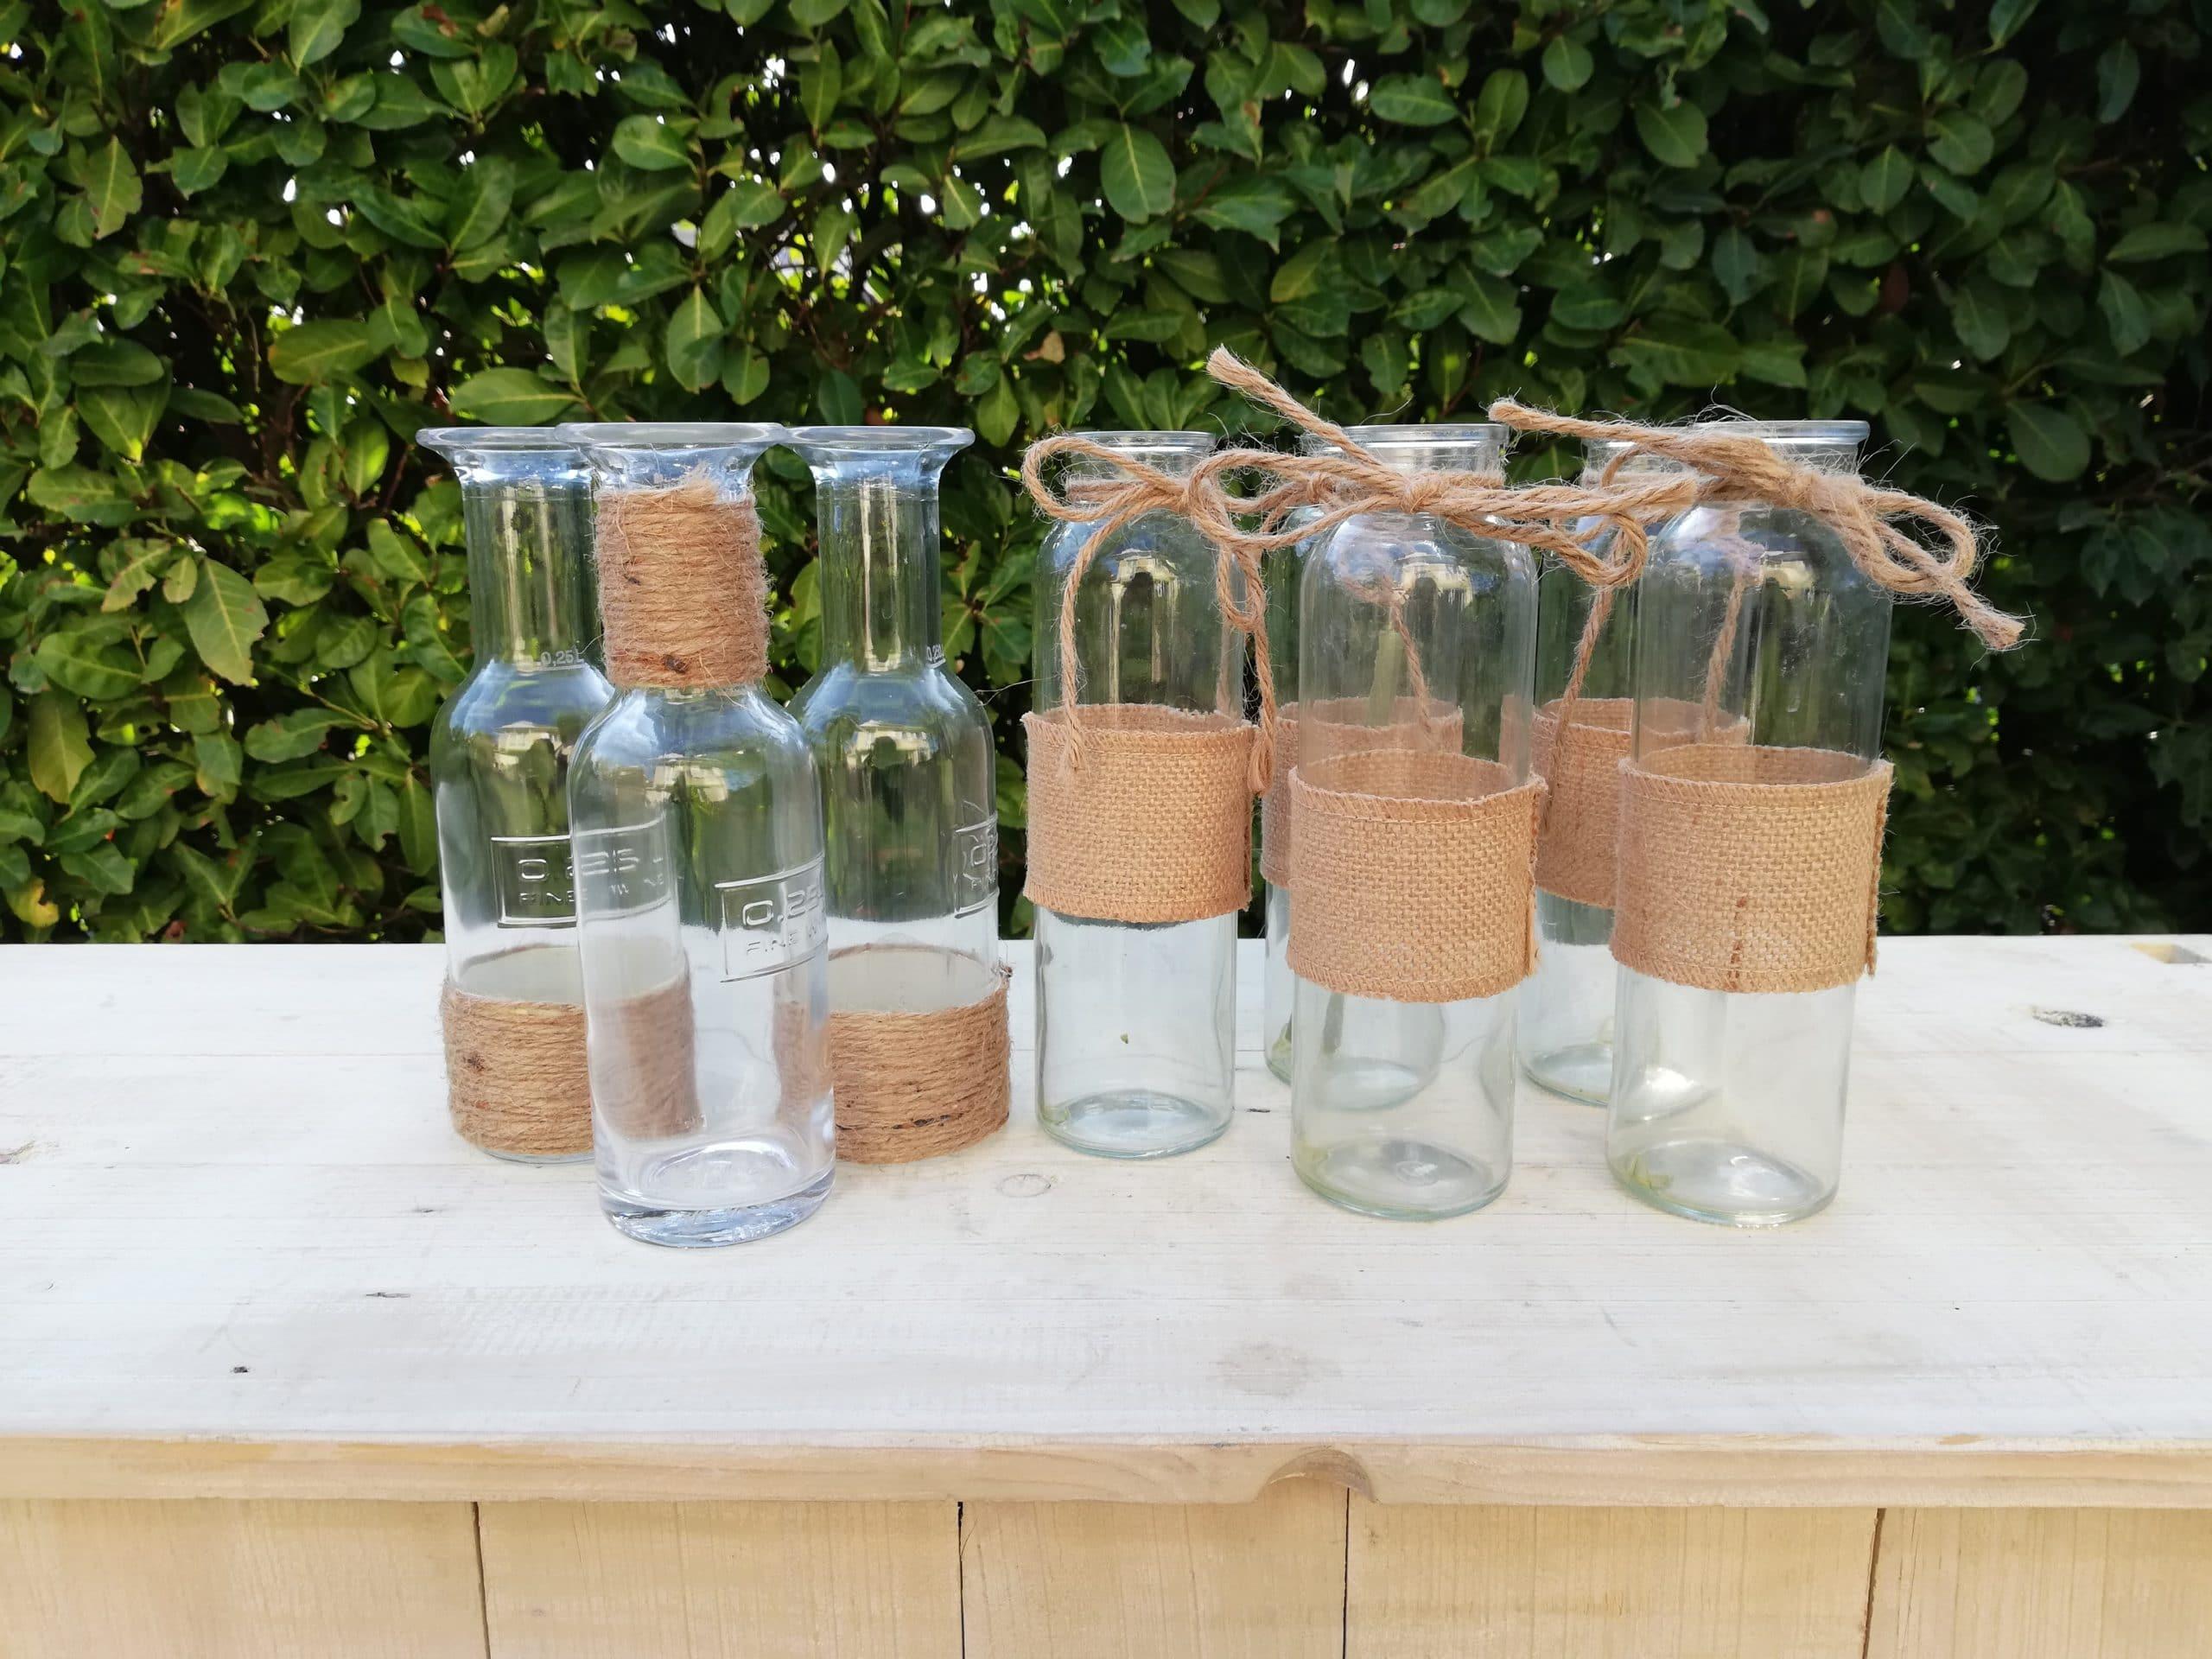 location d'un lot de bouteilles en verre et toile de jute pour une décoration champêtre proposées par esprit pop'up